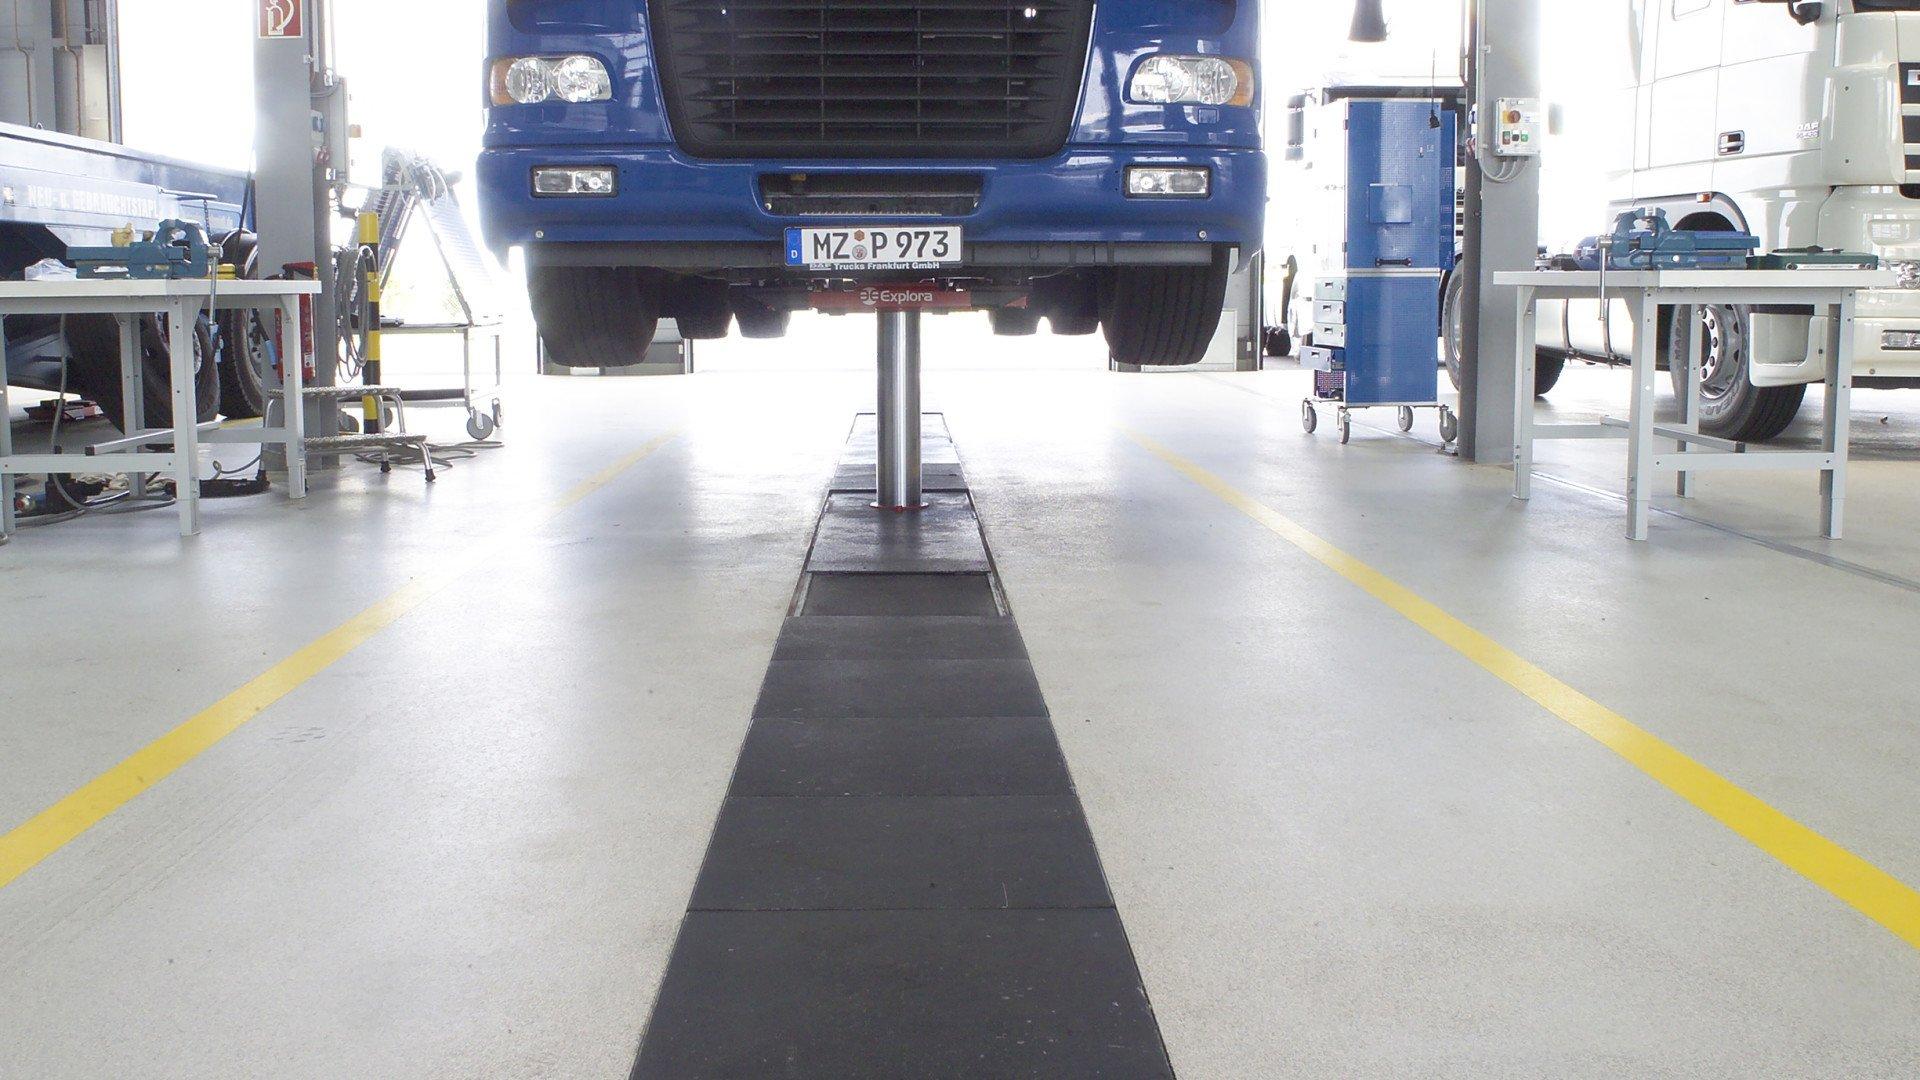 DAF Trucks Frankfurt Bolidtop 700